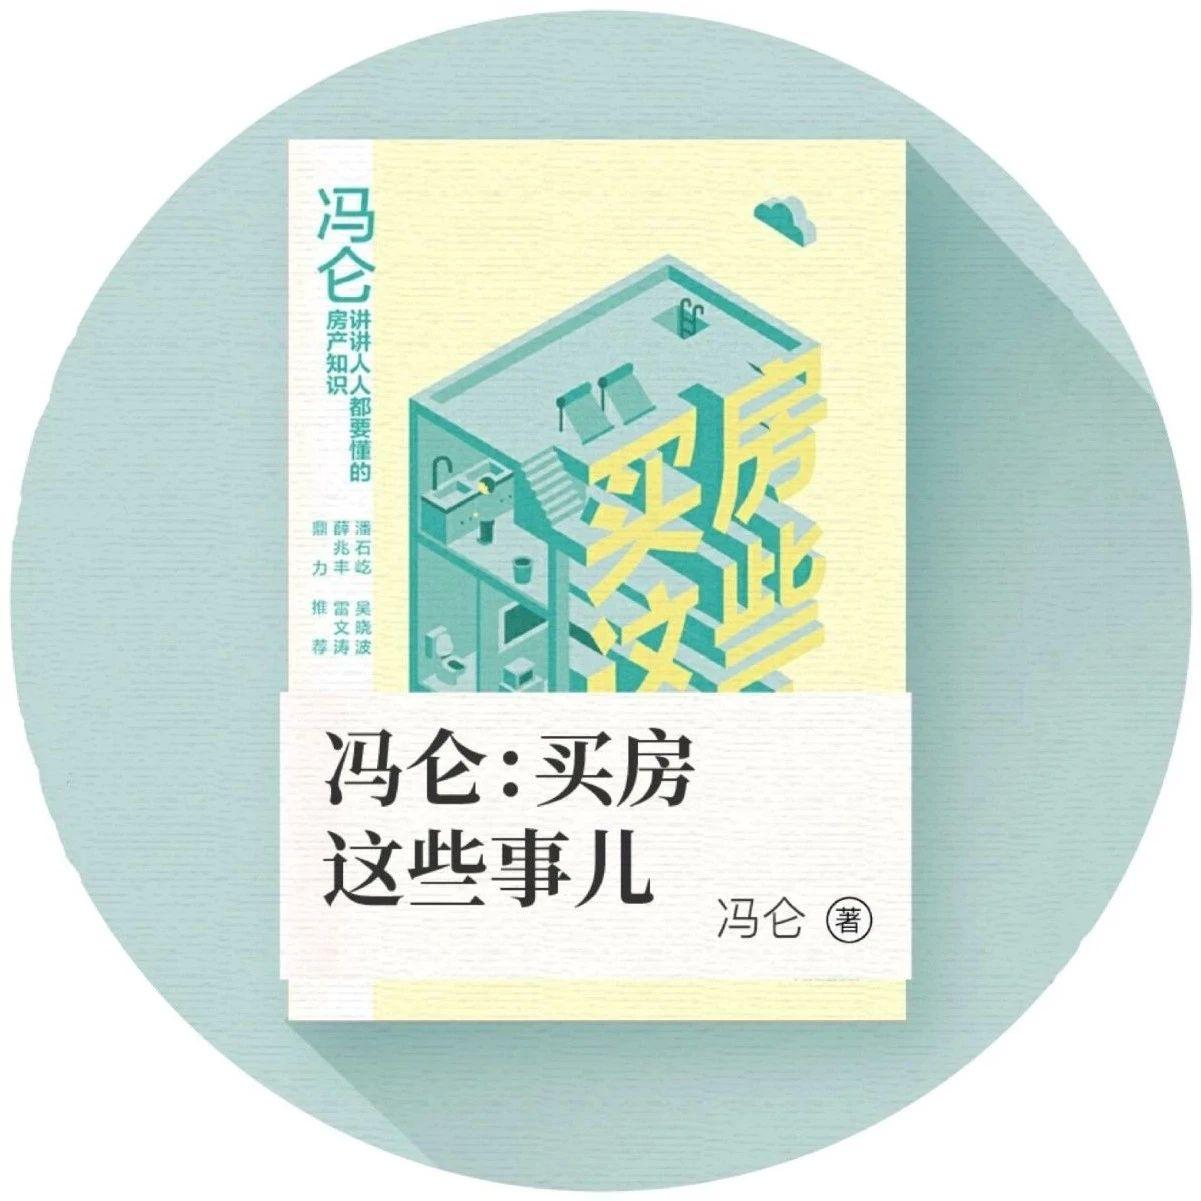 存量房时代来临,该买新房还是二手房?   同读一本书